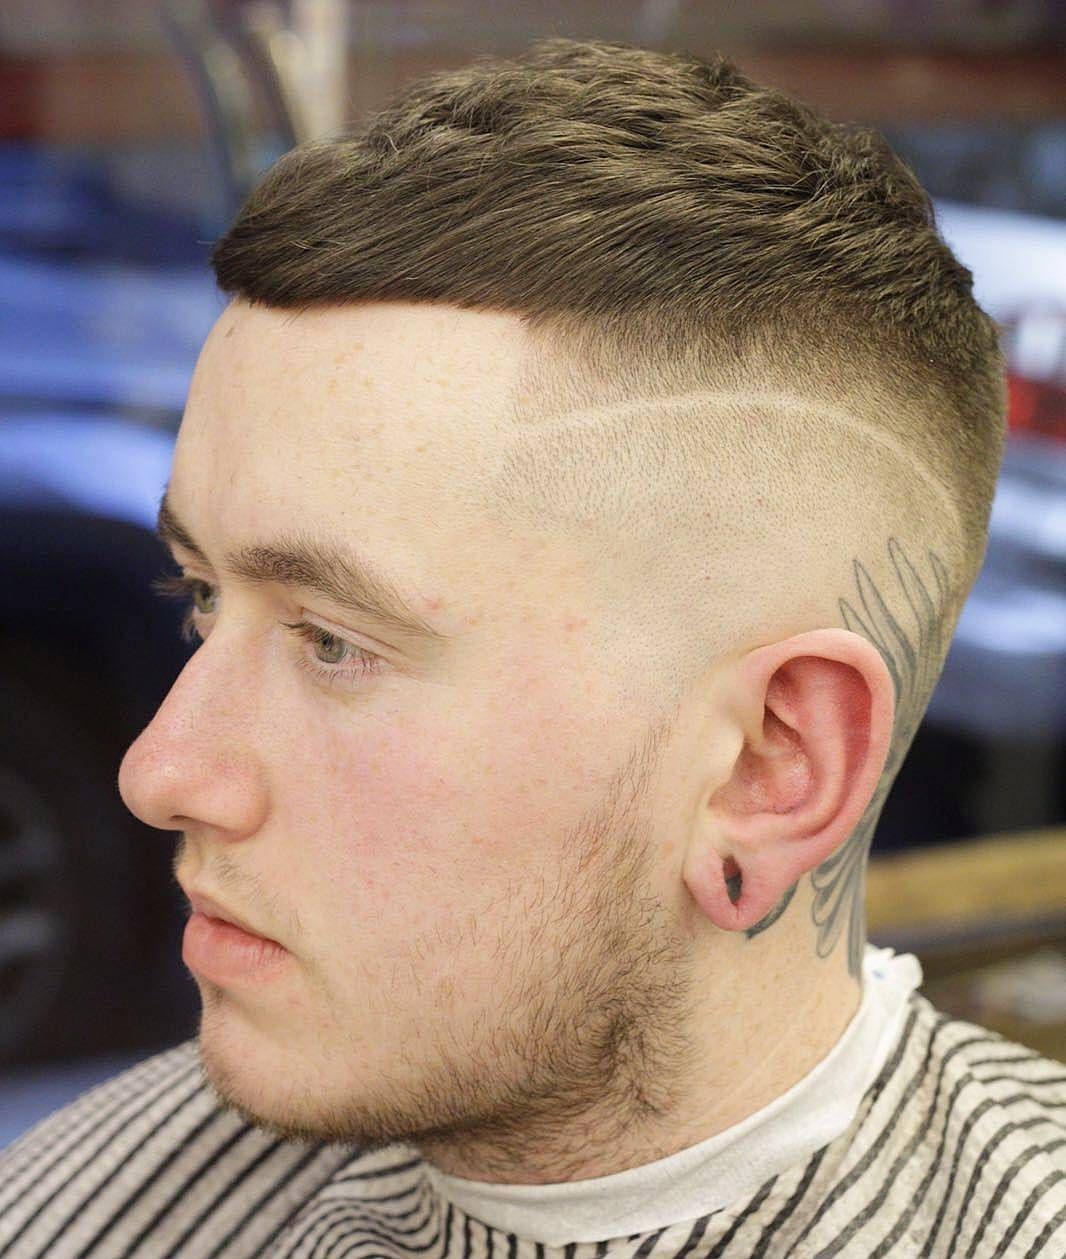 20 Very Short Haircuts For Men Mens Haircuts Short Very Short Haircuts Mens Hairstyles Short